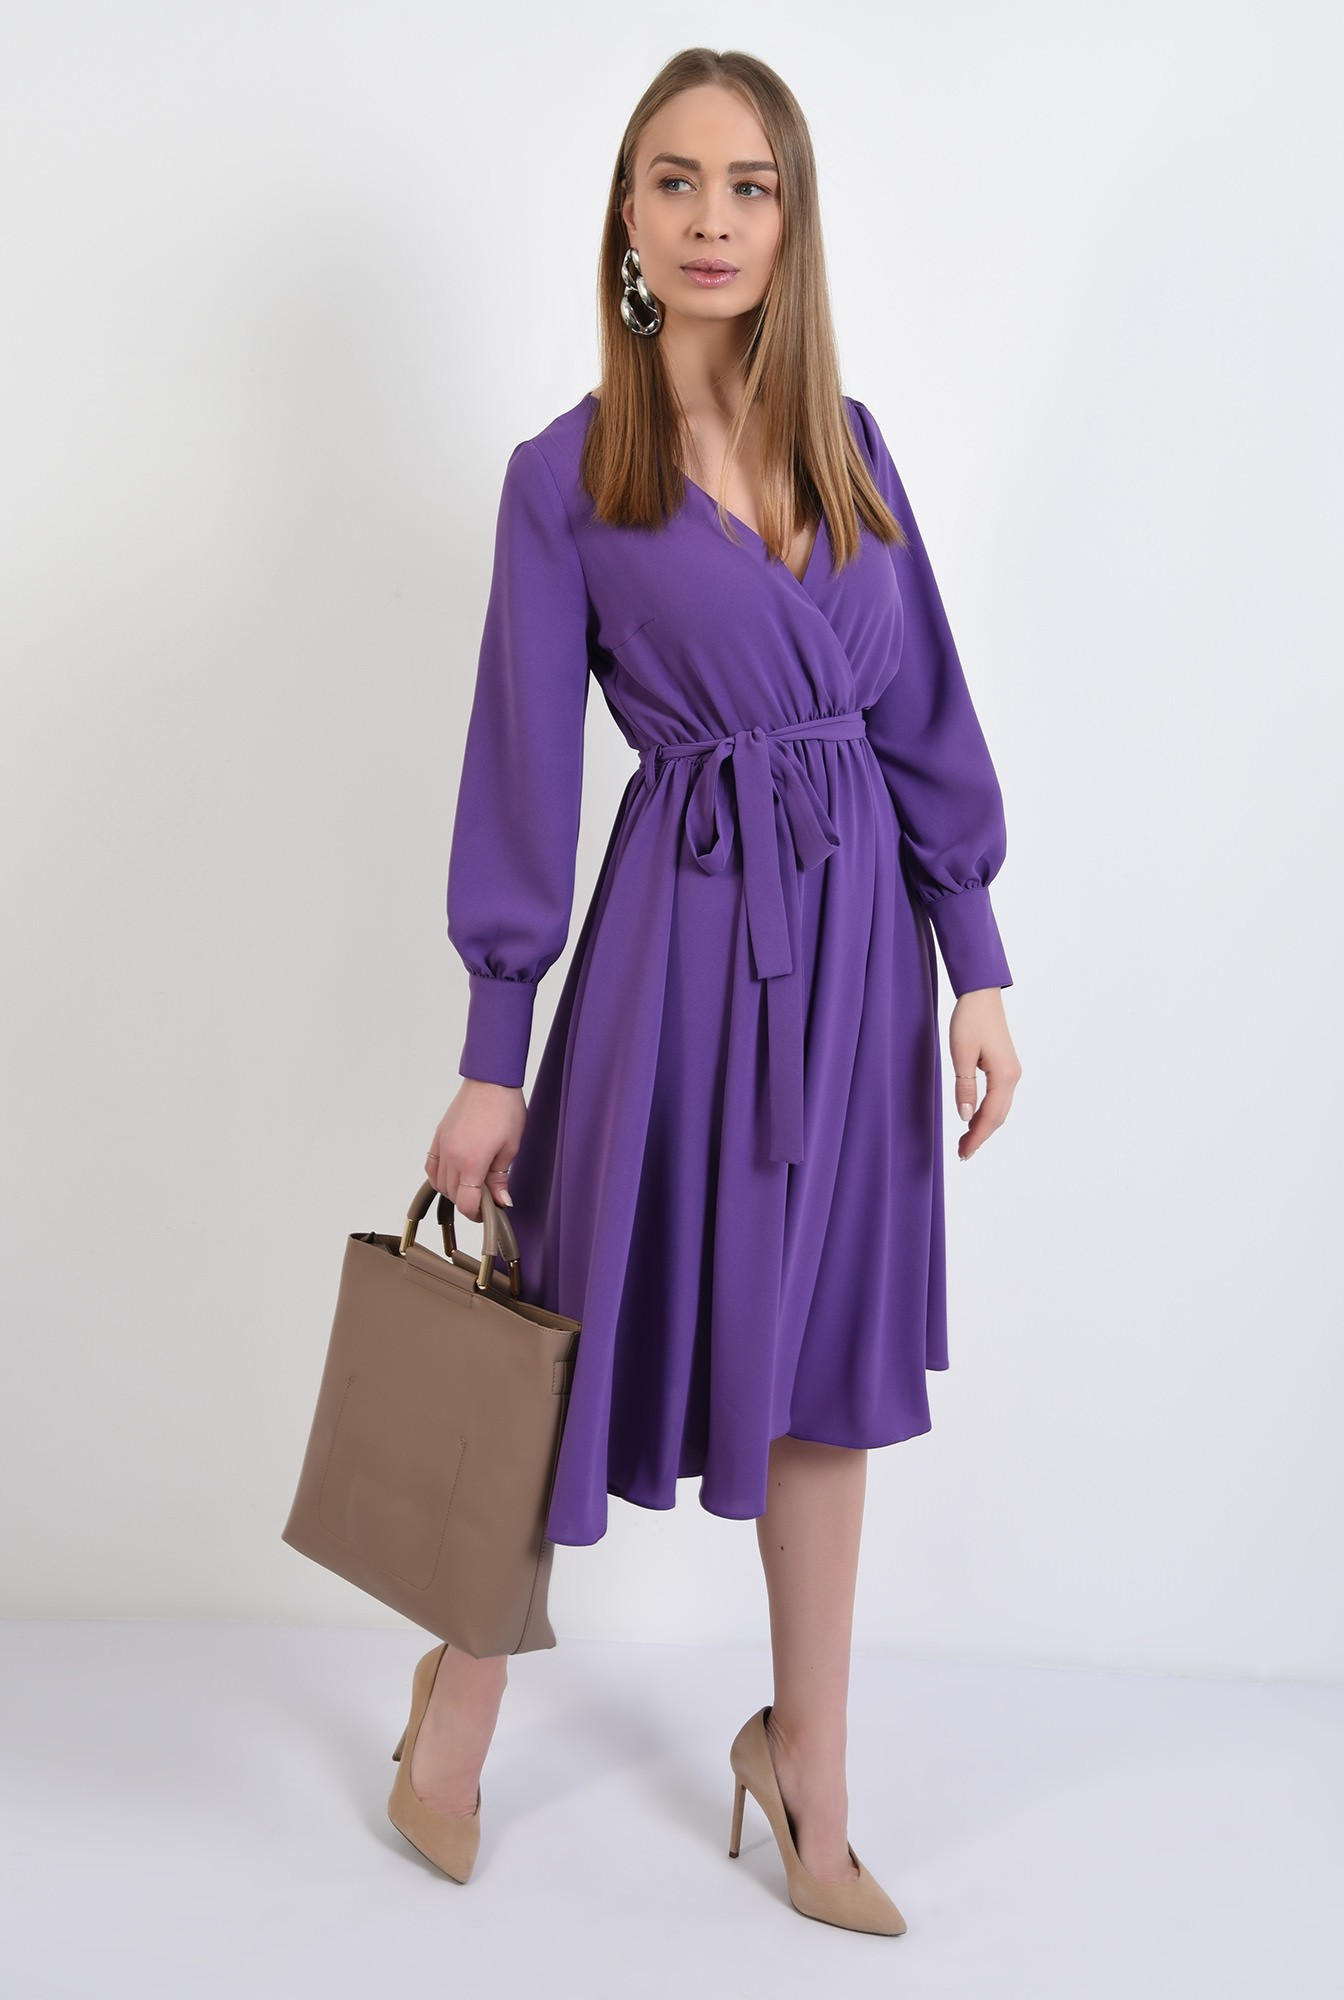 rochie casual, evazata, midi, cu cordon, anchior petrecut, maneci lungi